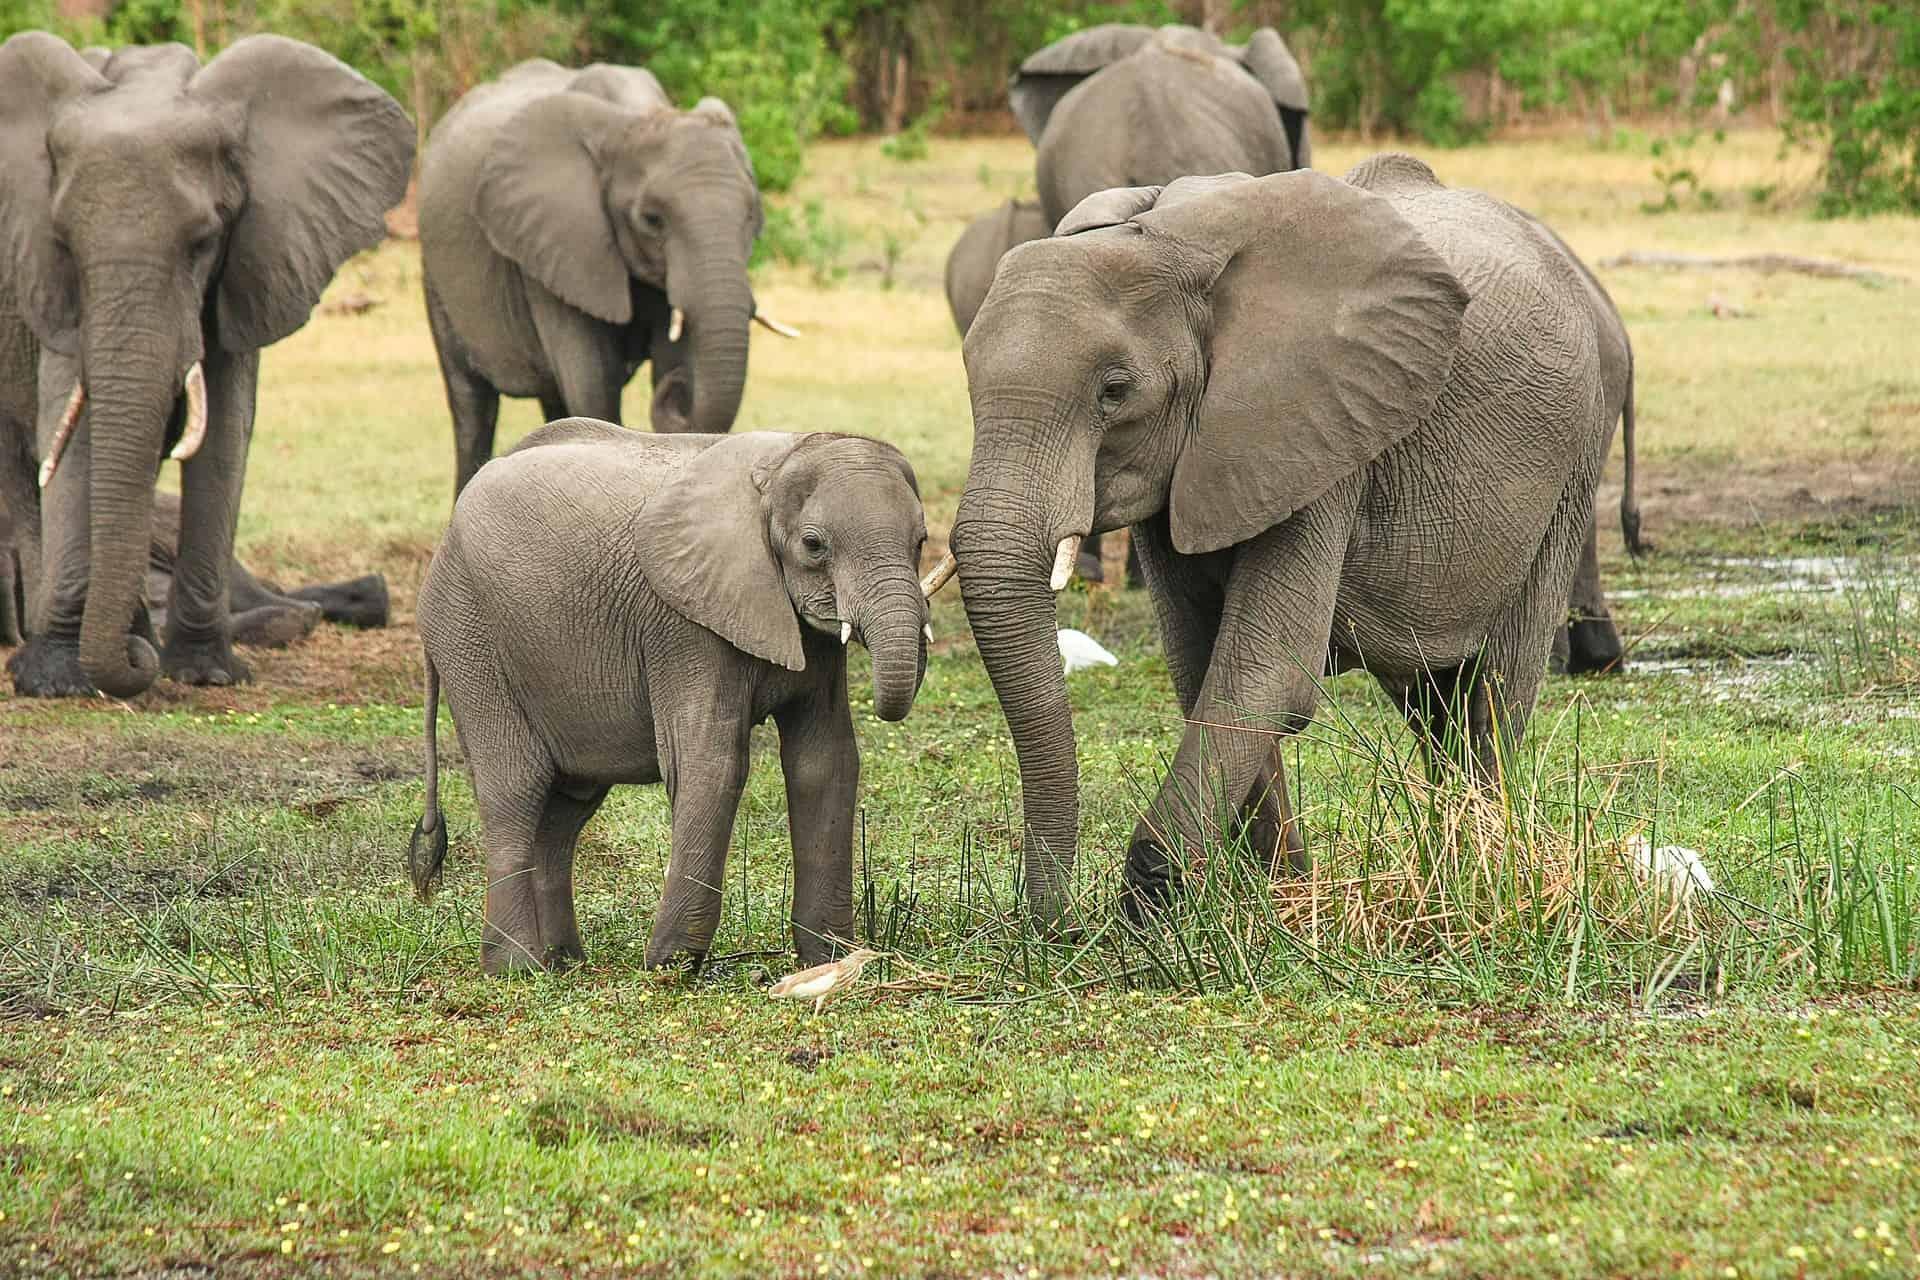 En Flok Elefanter I Deres Naturlige Habitat I Afrika